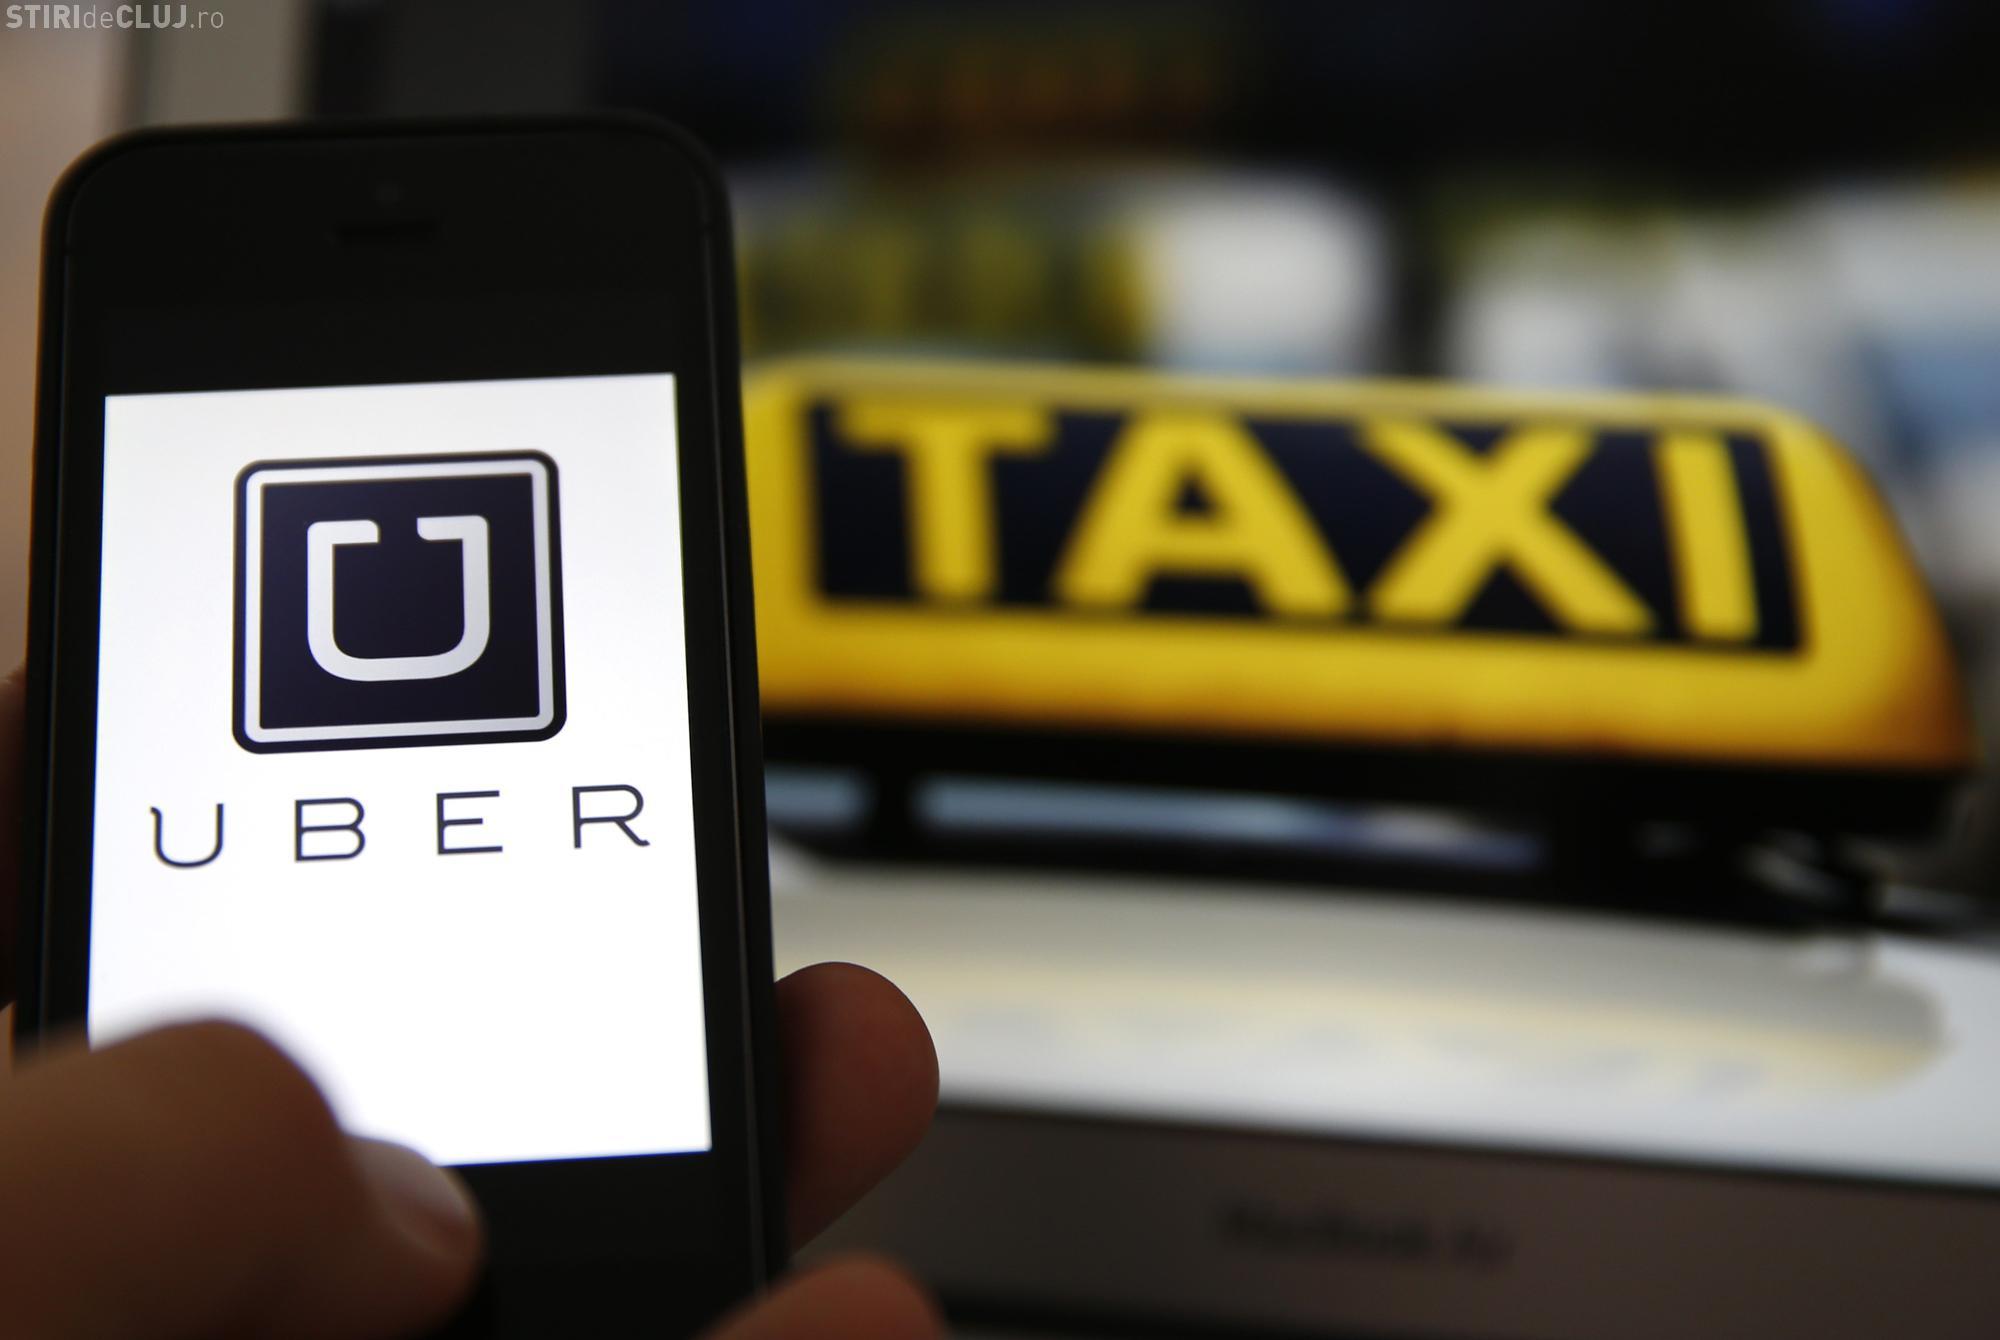 Uber crește tarifele la Cluj-Napoca, pentru cursele mai lungi. Orice cursă va avea un tarif minim